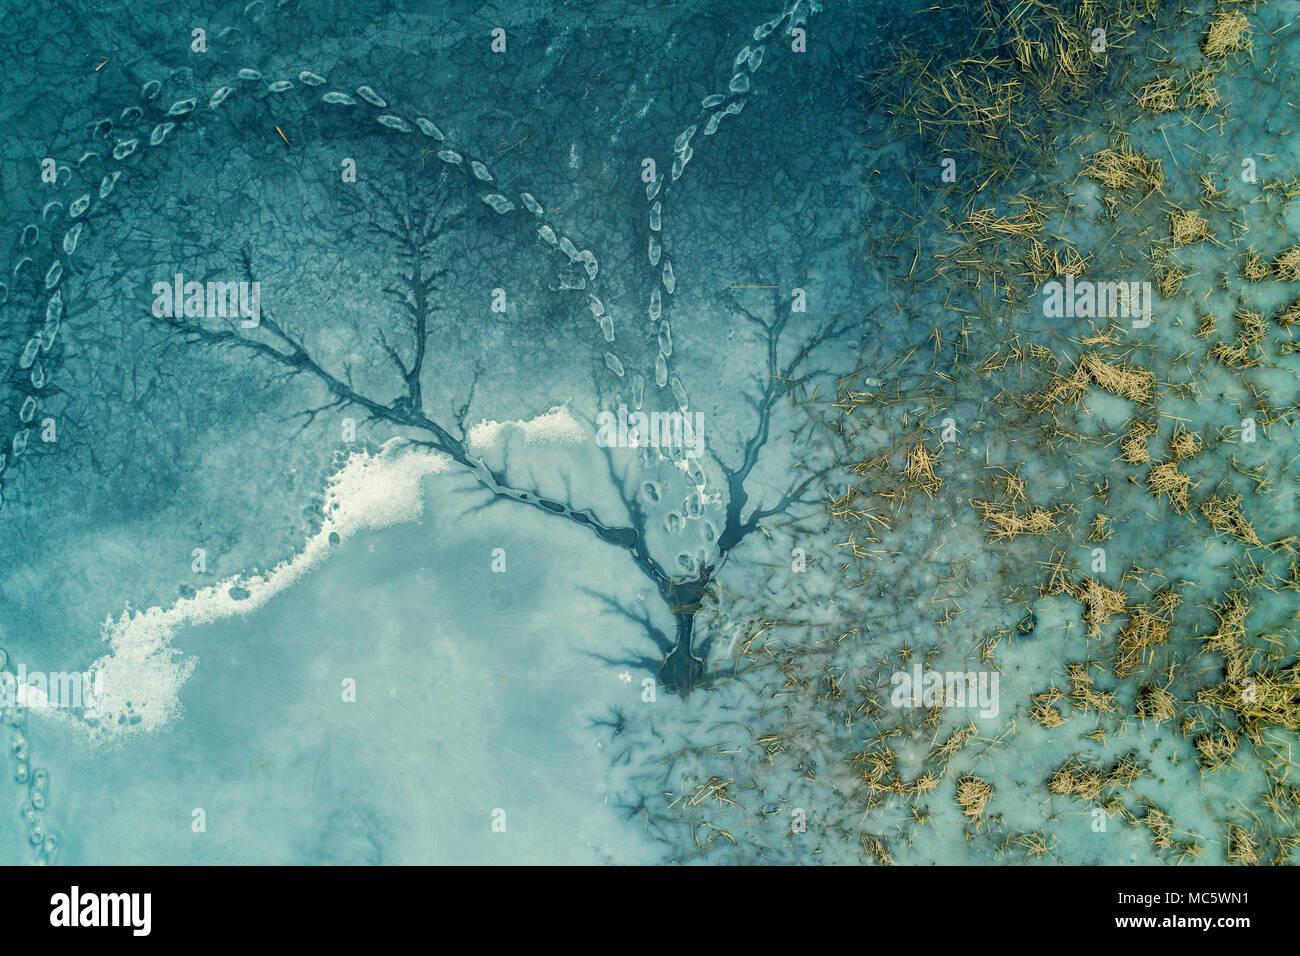 Resumen Antecedentes de hielo natural. Lago congelado. Patrones en la superficie de un lago congelado Foto de stock